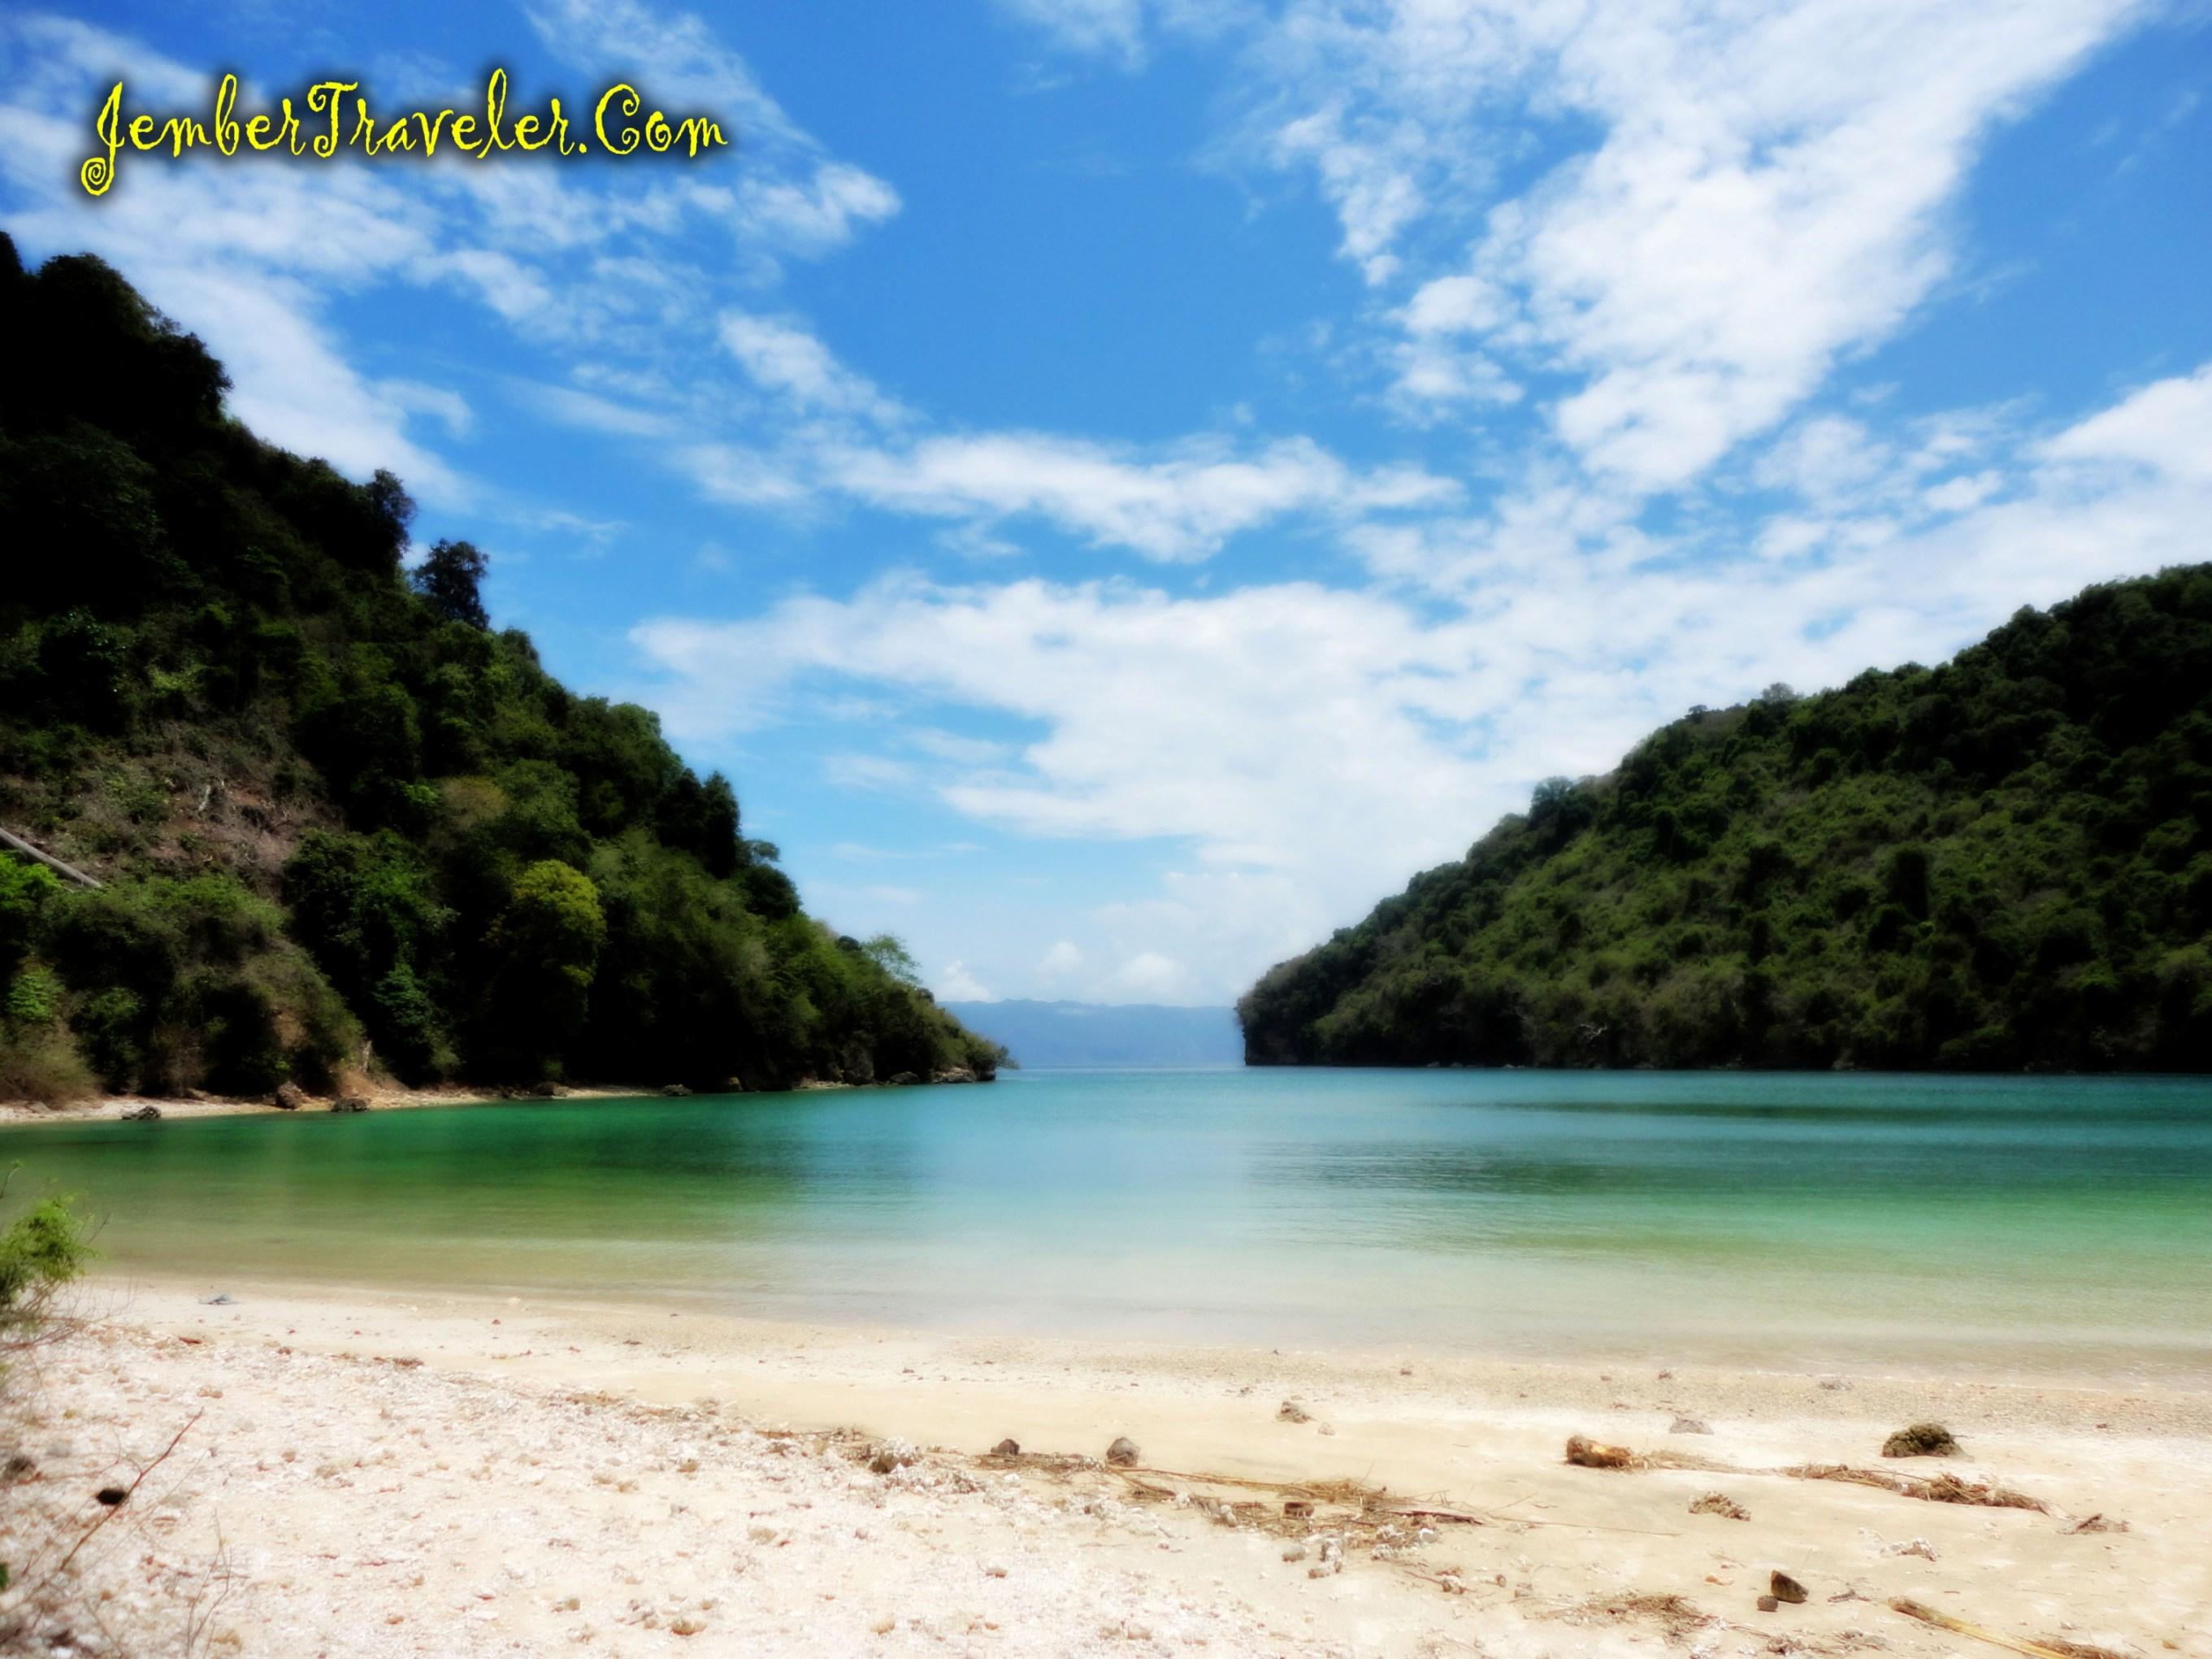 Pantai Papuma Pulau Nusa Barong Part Jember Traveler Teluk Jeruk